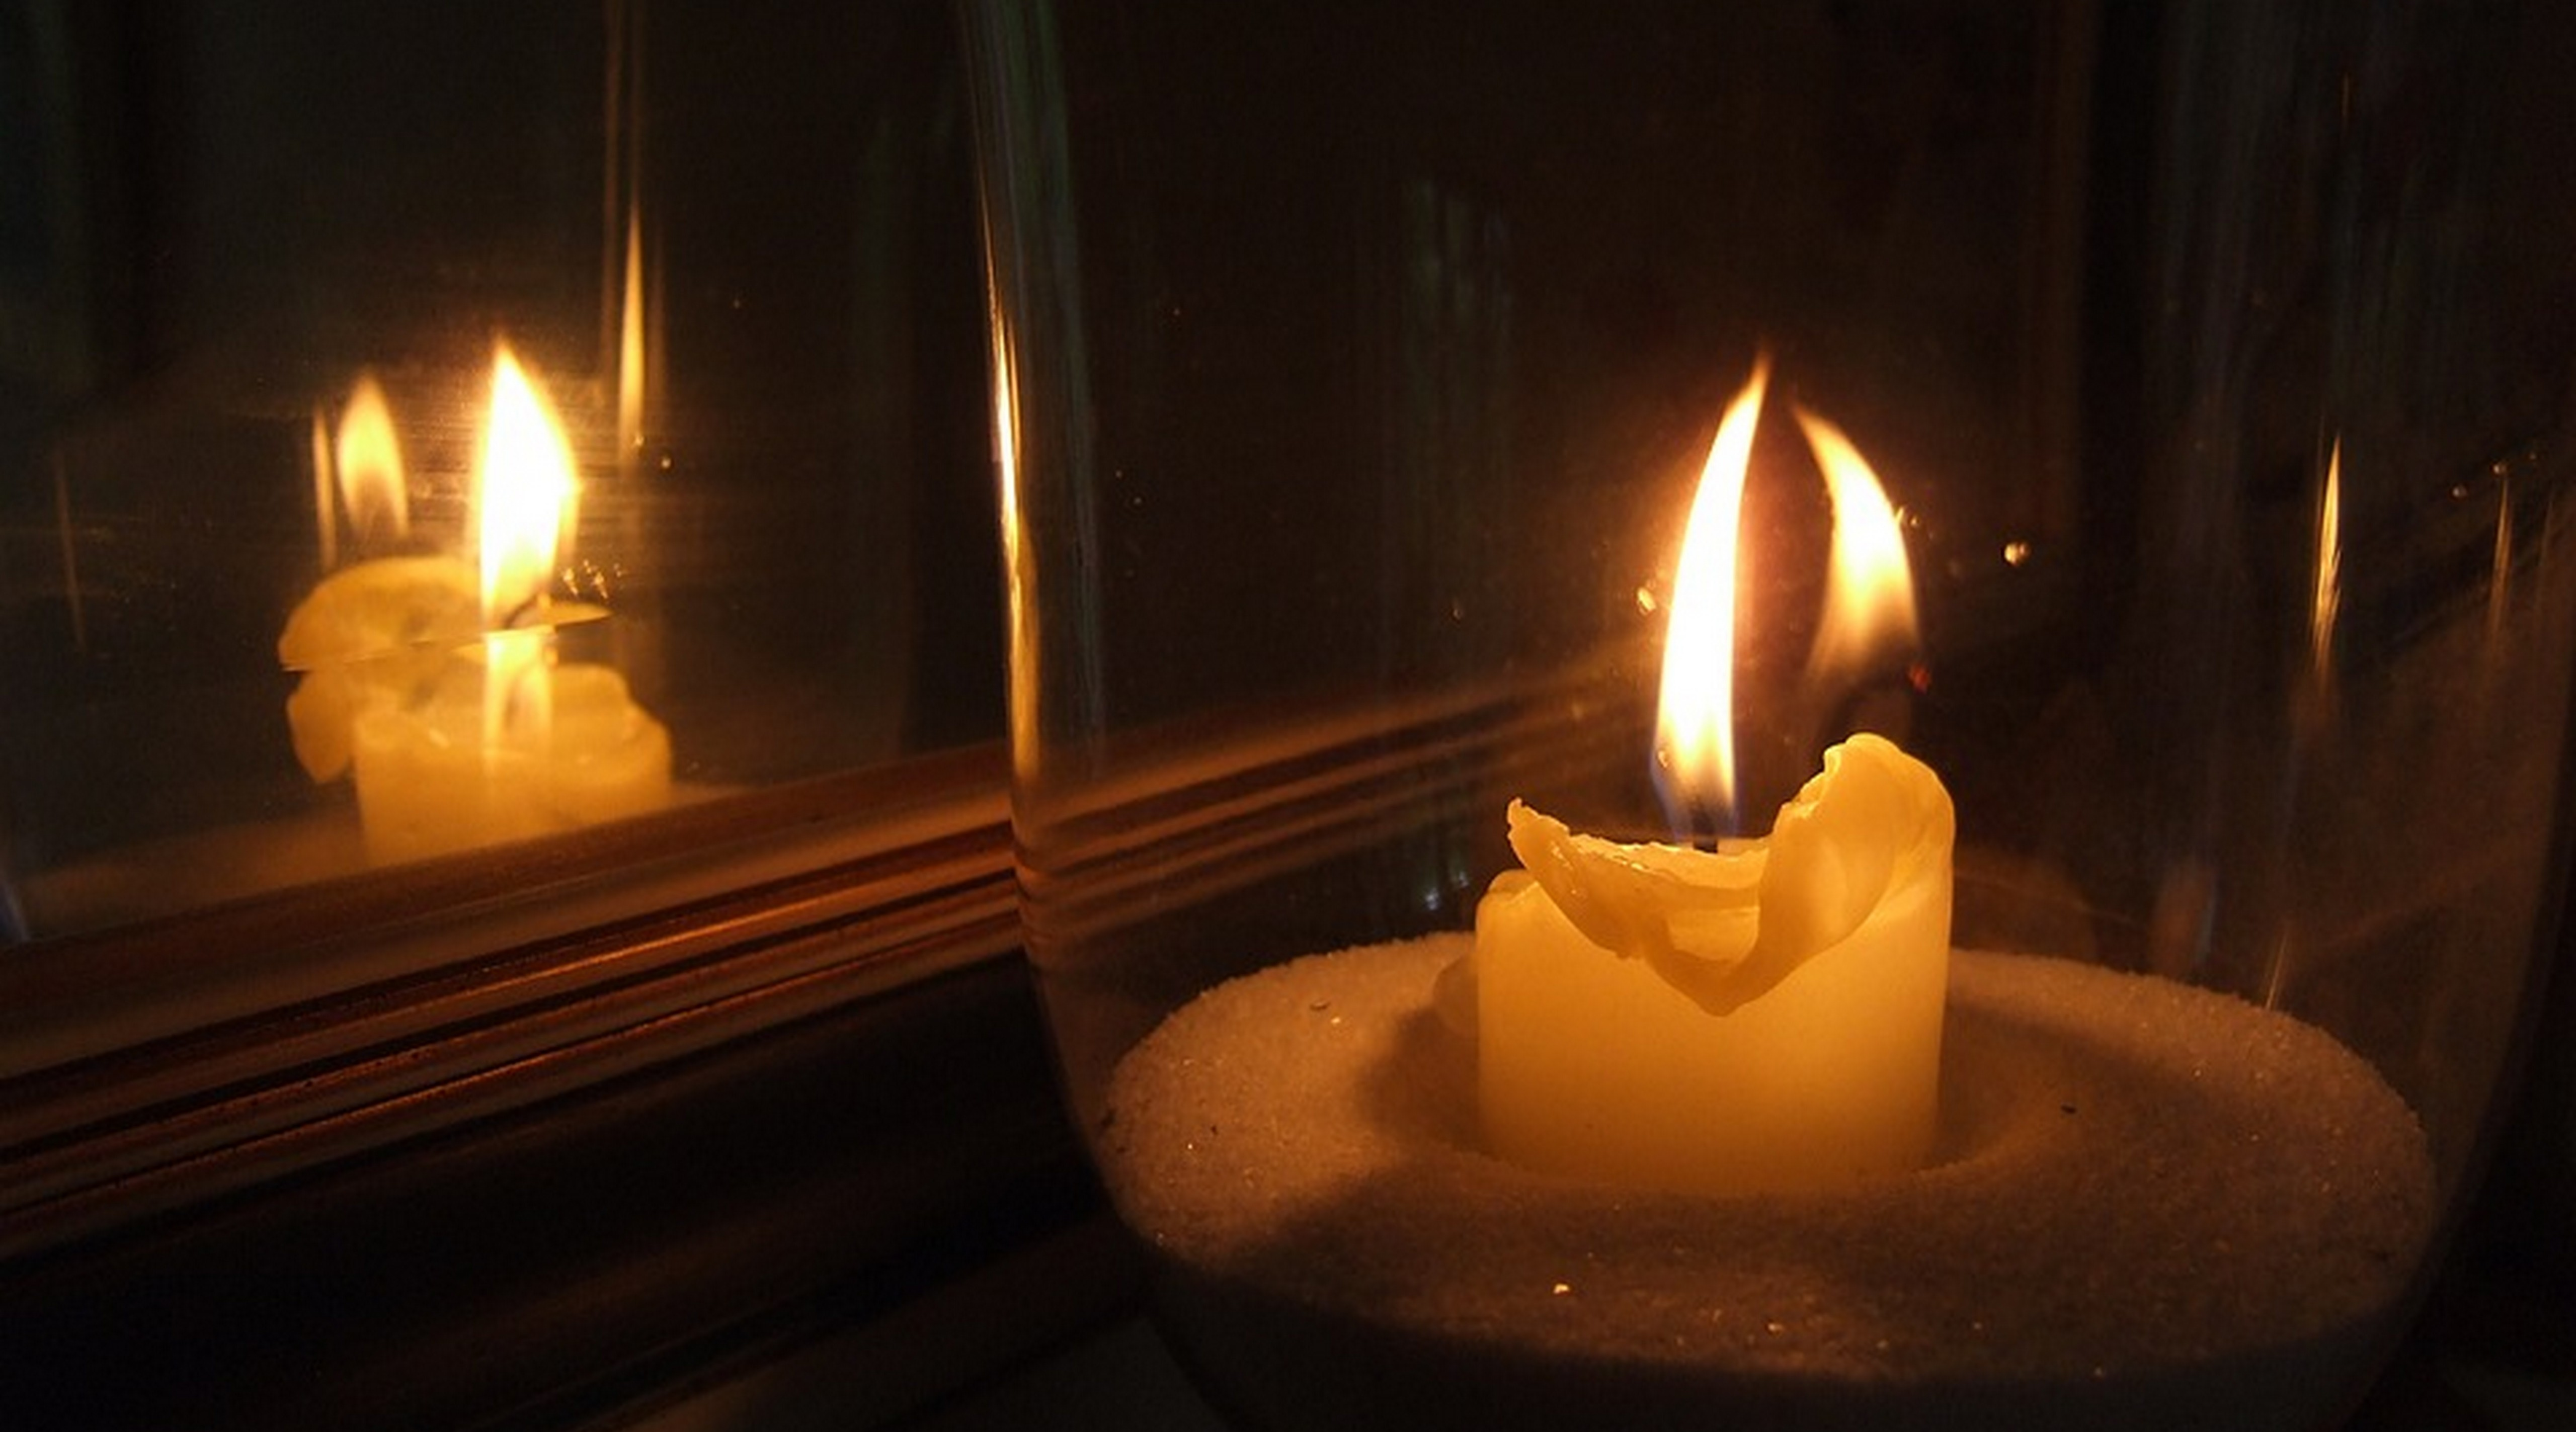 Rituales para realizar en la Noche de San Juan